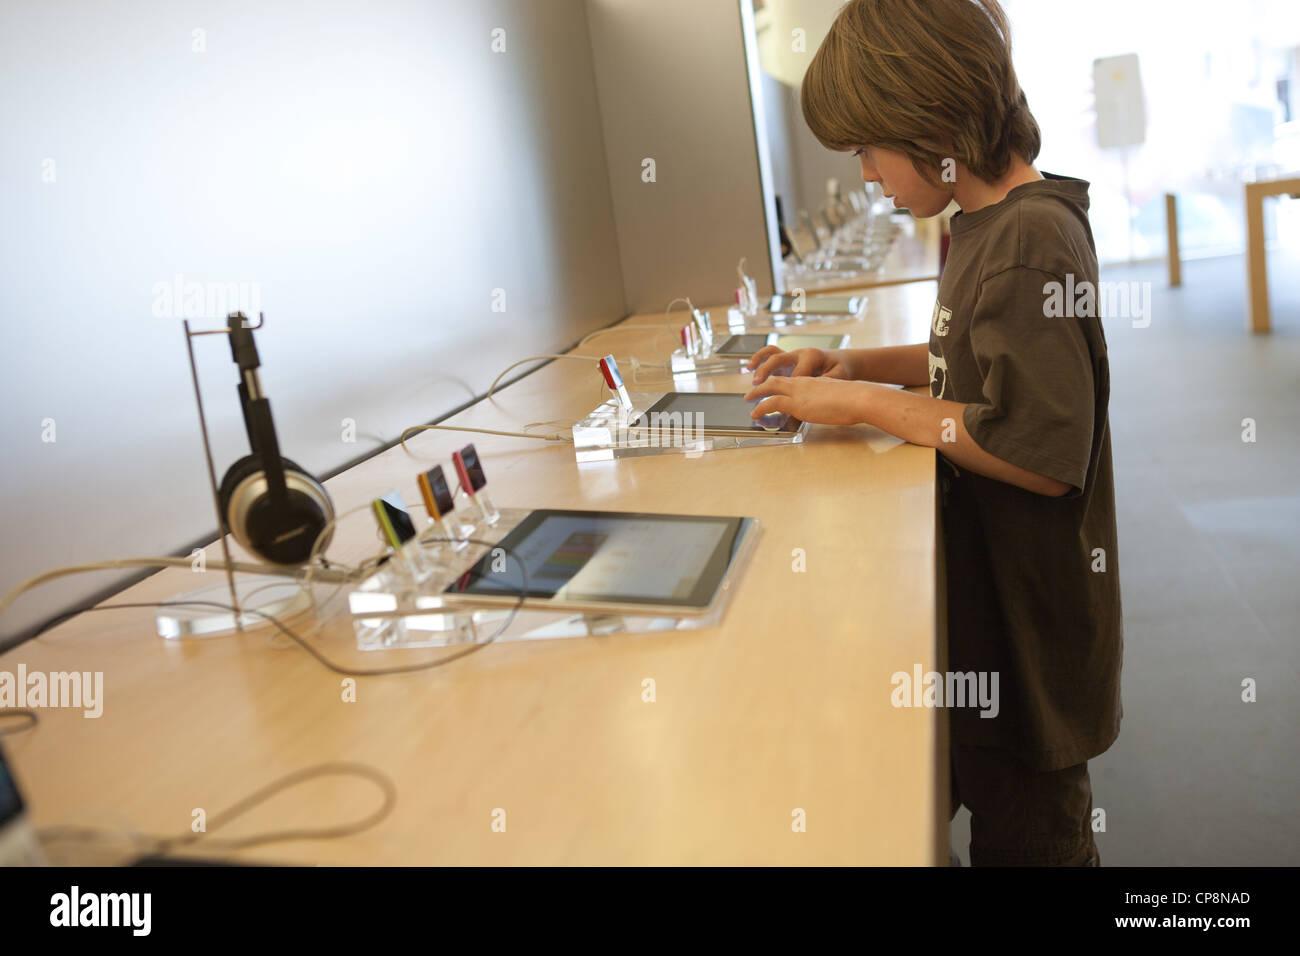 Neun Jahre alten Jungen Experimente mit einem Ipad Tablet in einem Apple Store. Stockbild